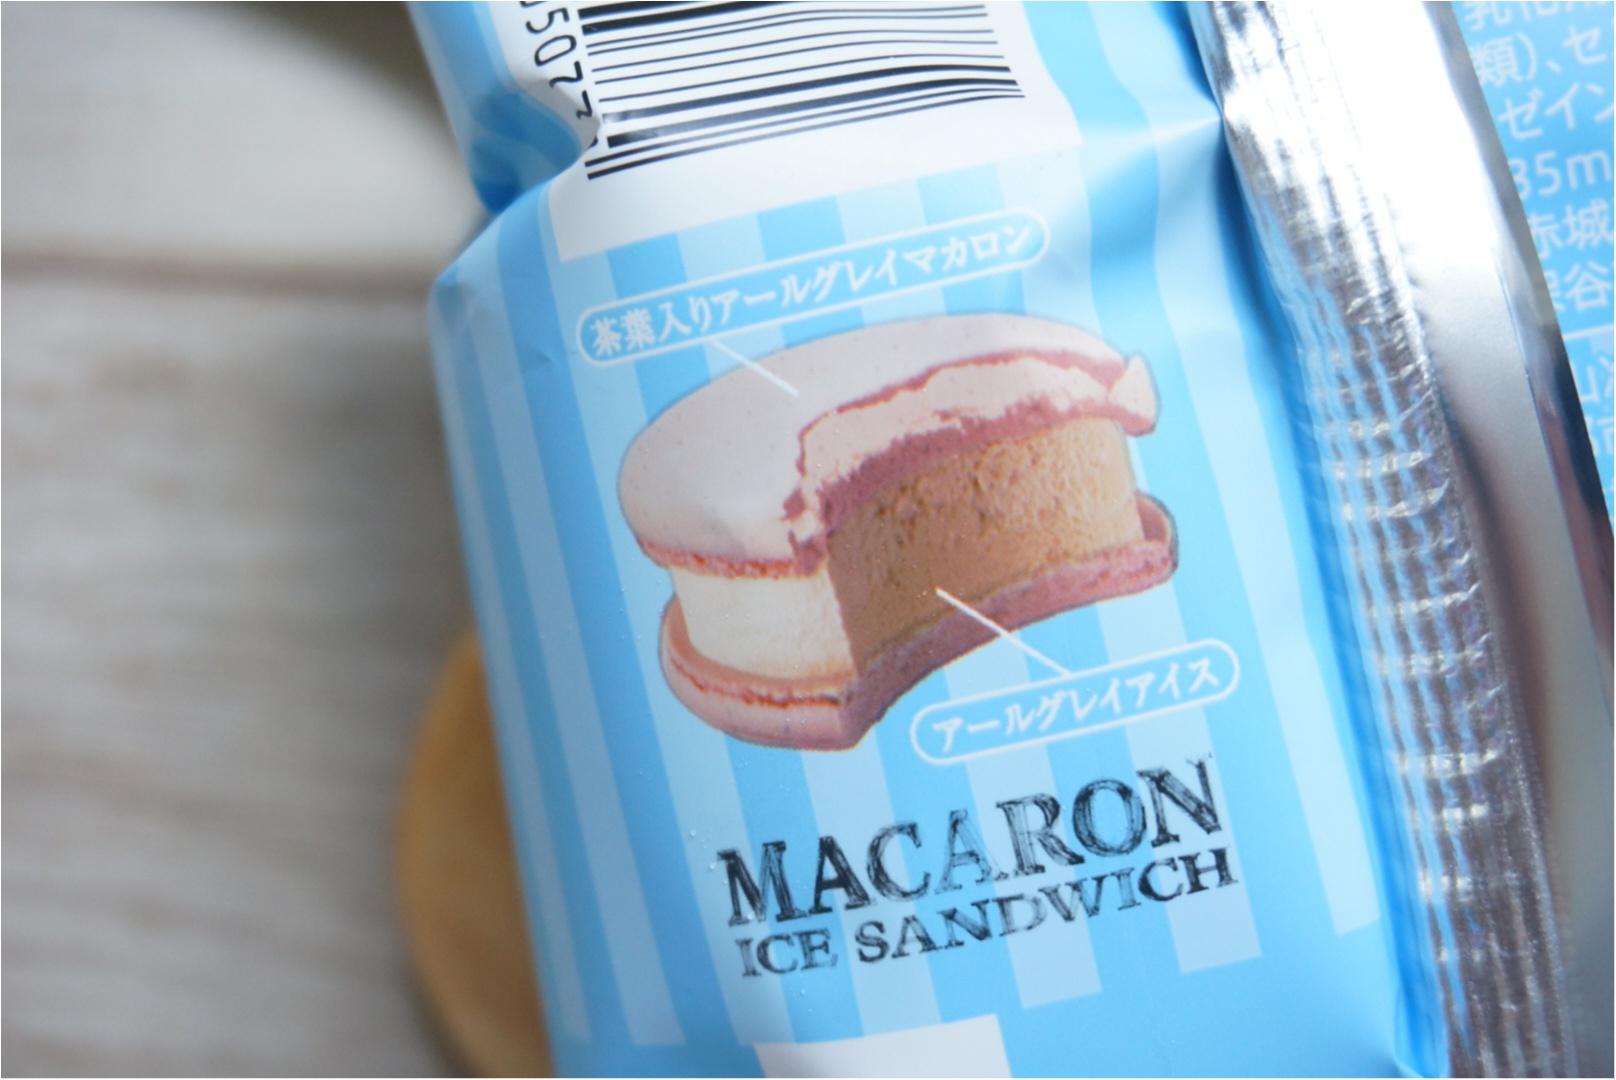 【コンビニアイス】セブン-イレブン限定《マカロンアイス》に おいしすぎる新味登場❤️_7